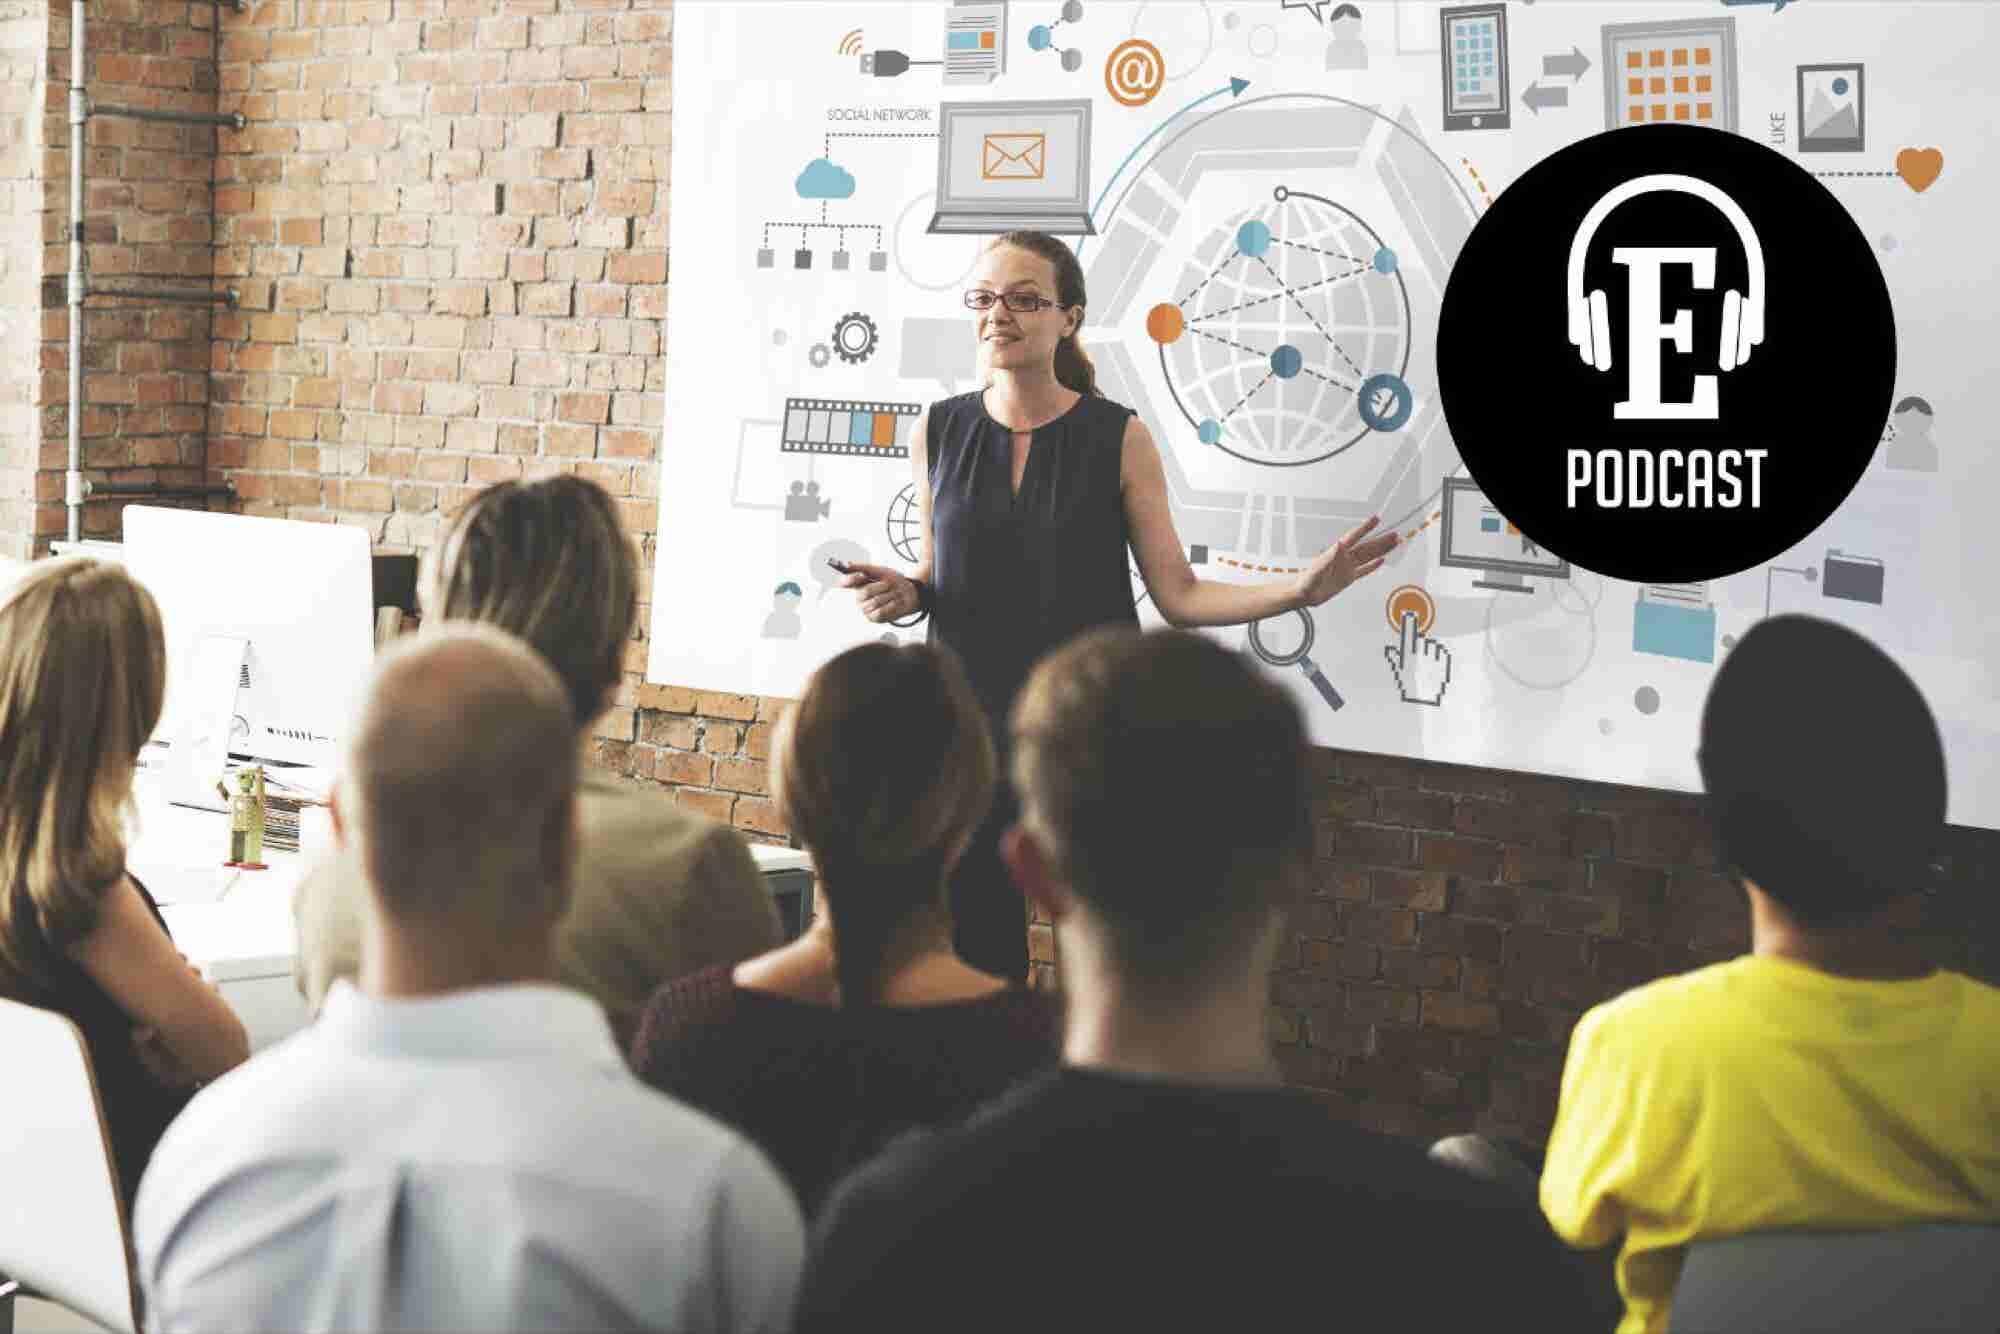 Podcast Entrepreneur # 5: Claves para presentar un pitch convincente y ganador